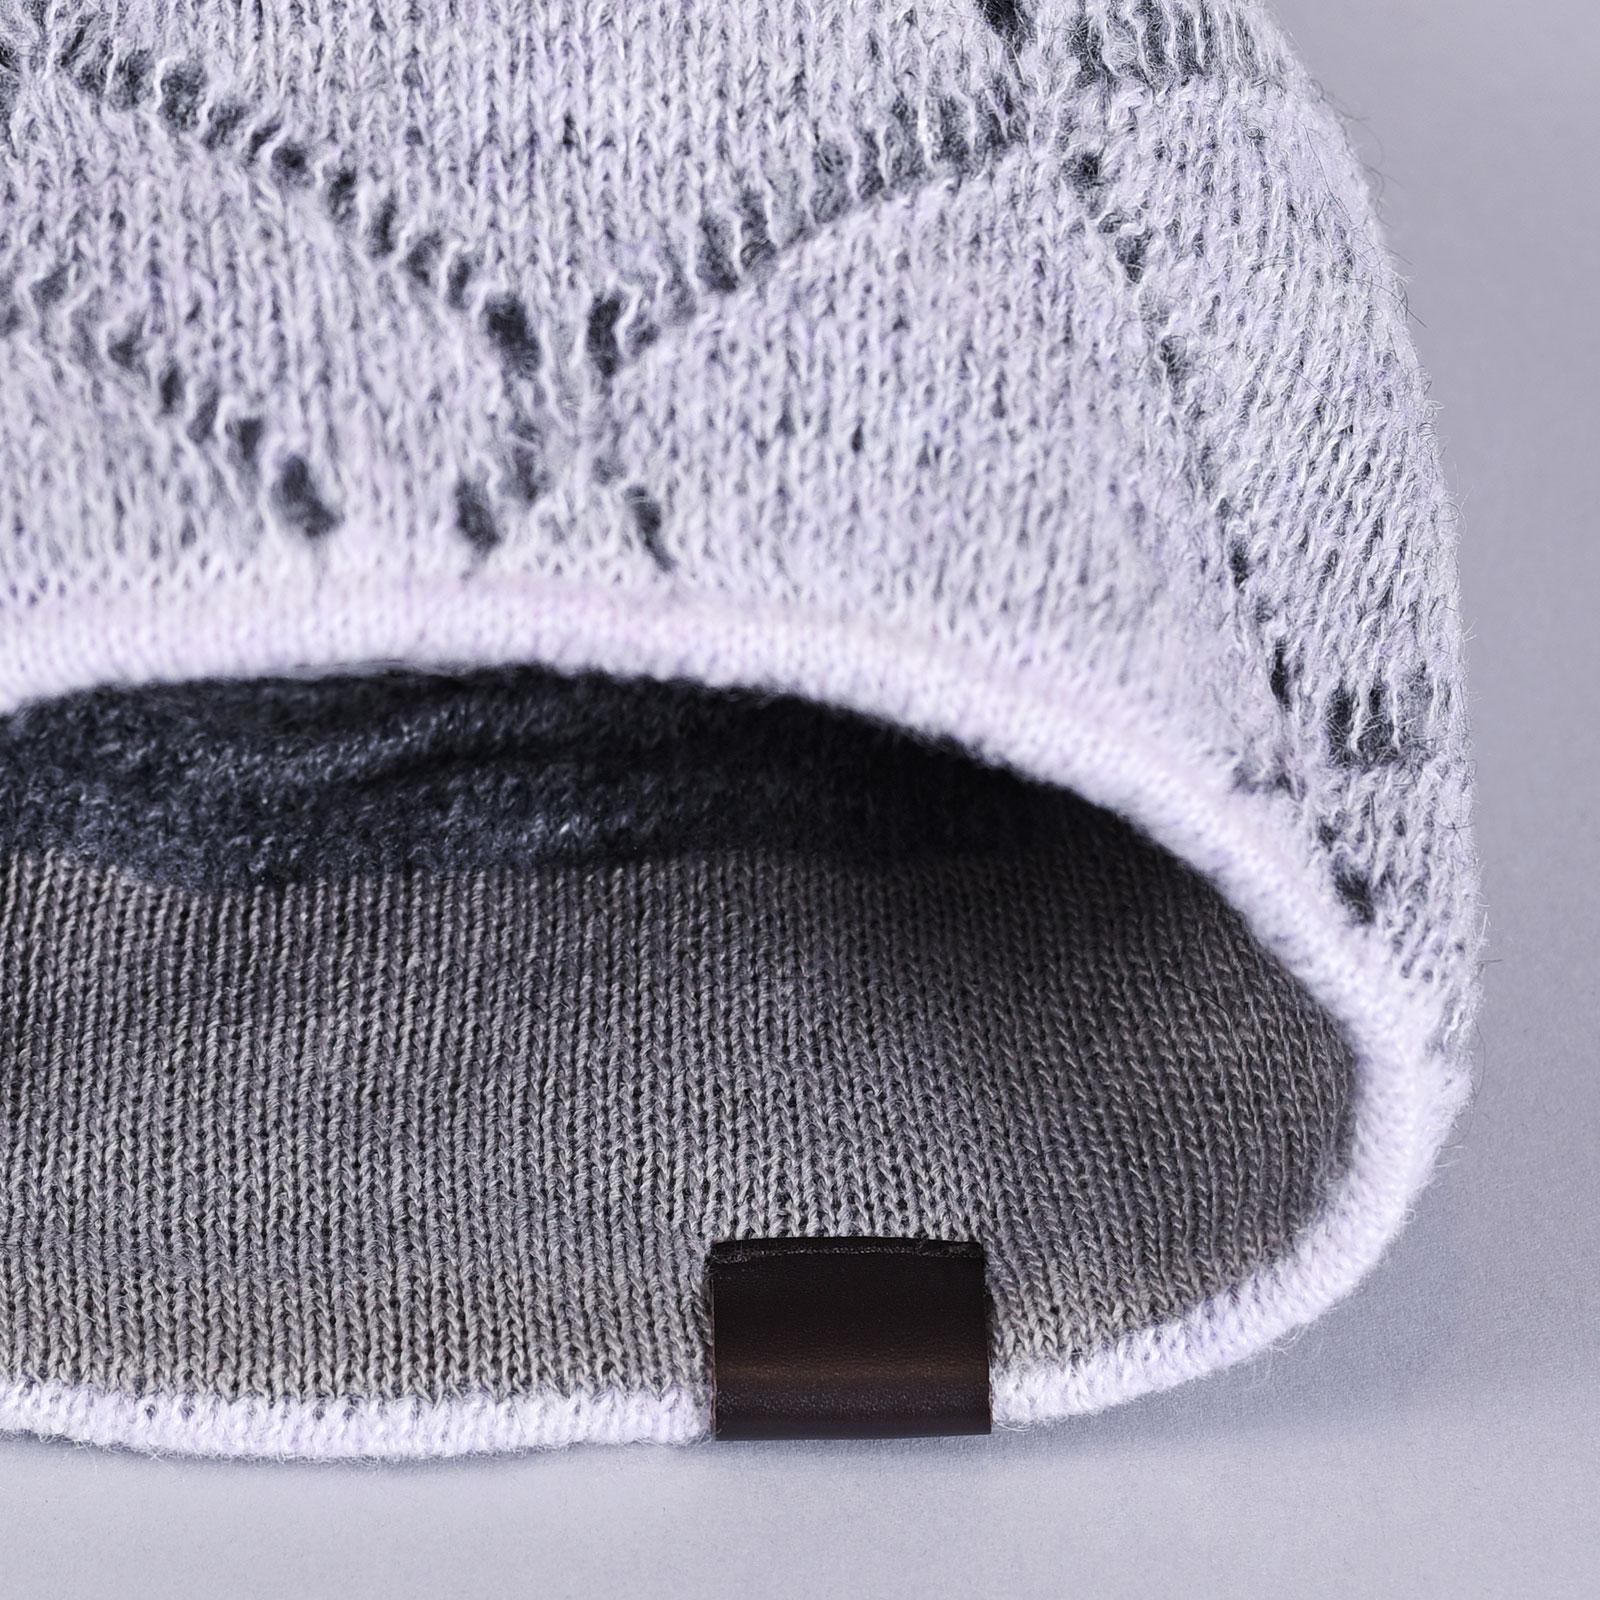 CP-01060-D16-2-bonnet-femme-hiver-gris-bleu